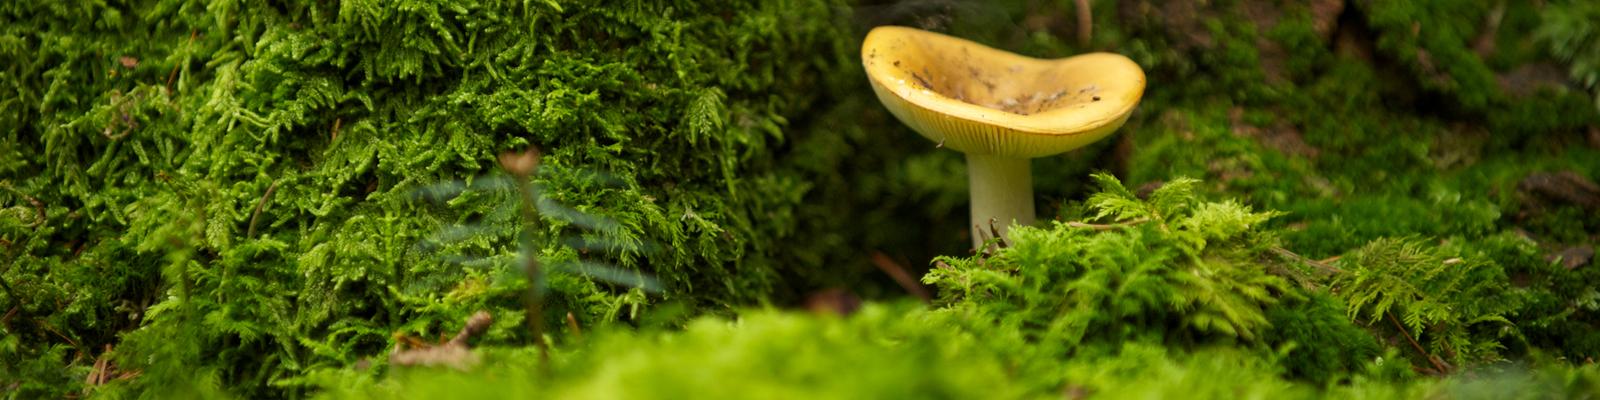 Baum und Pilz kommunizieren über den Boden.